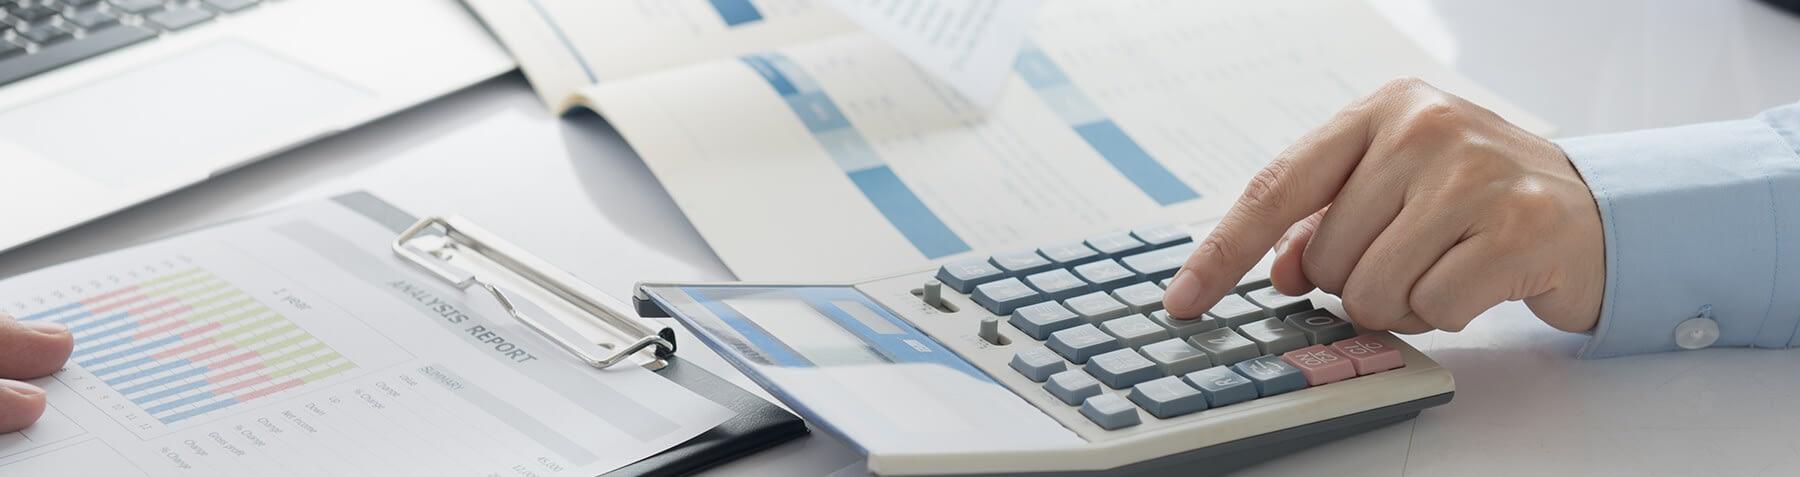 Payroll and accounting